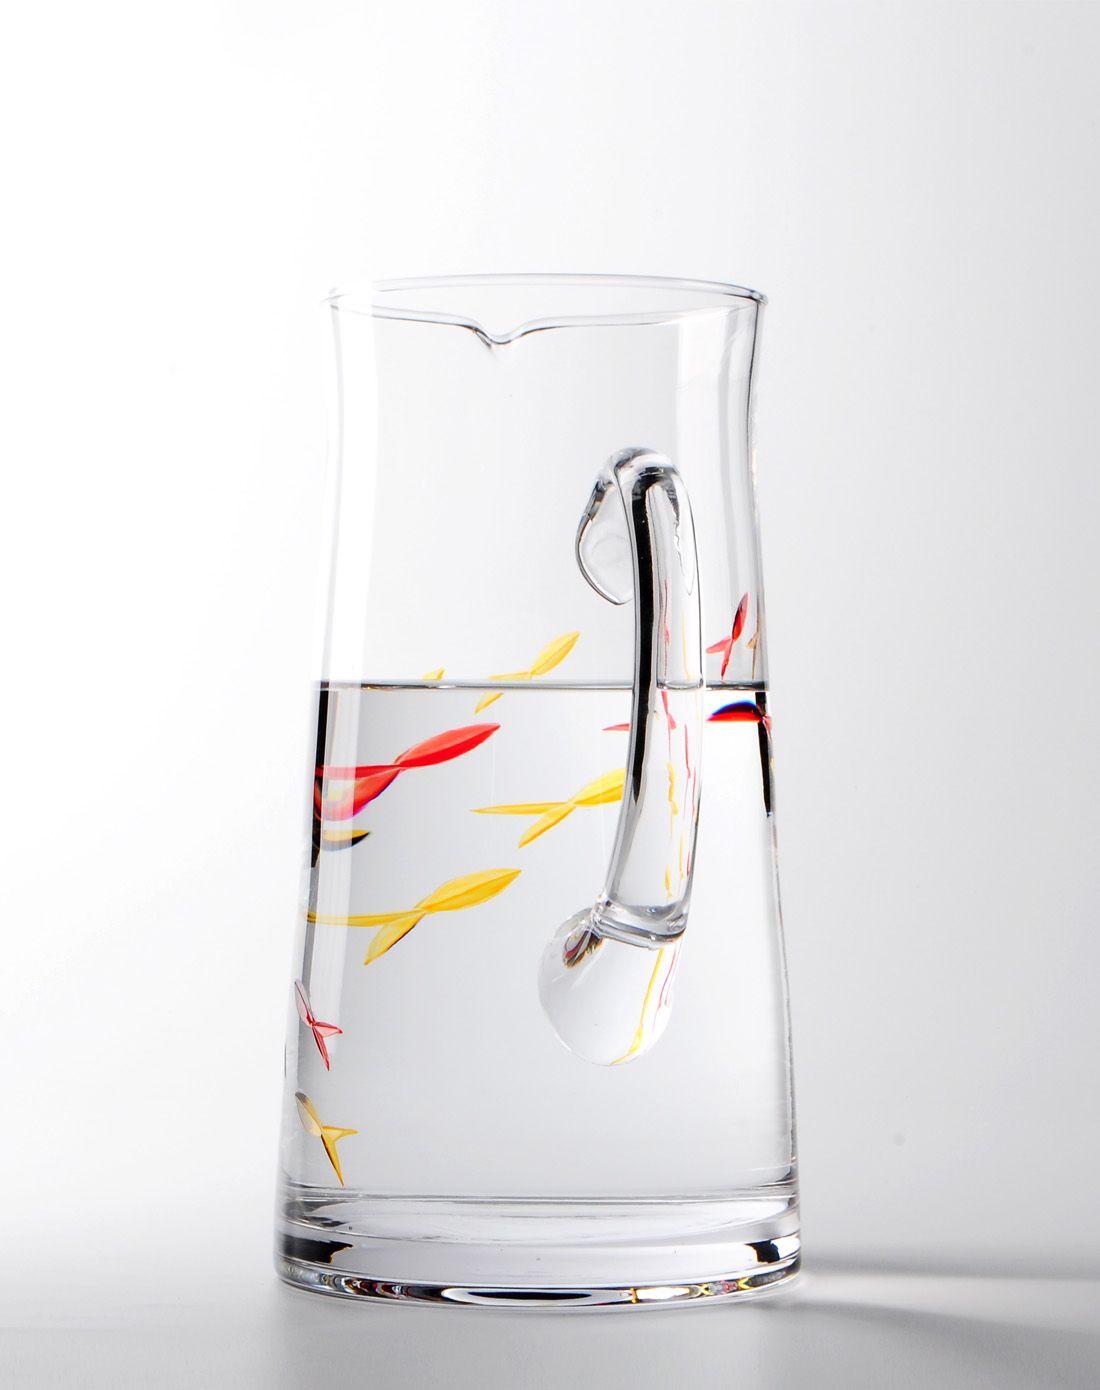 纯手工雕刻创意小鱼玻璃水壶2l